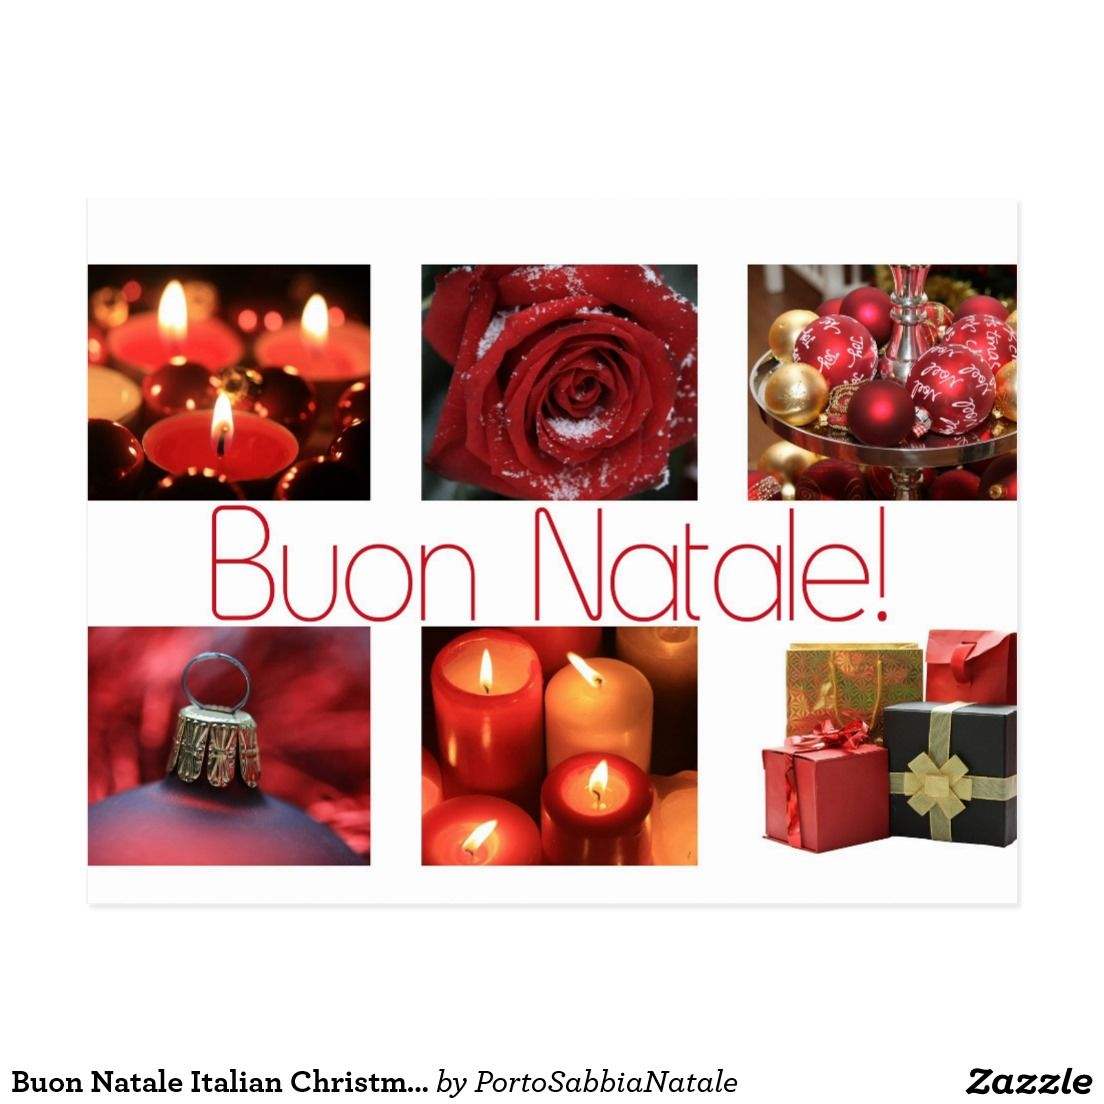 Buon Natale Italian Christmas Card | Christmas cards, Italian and Natale